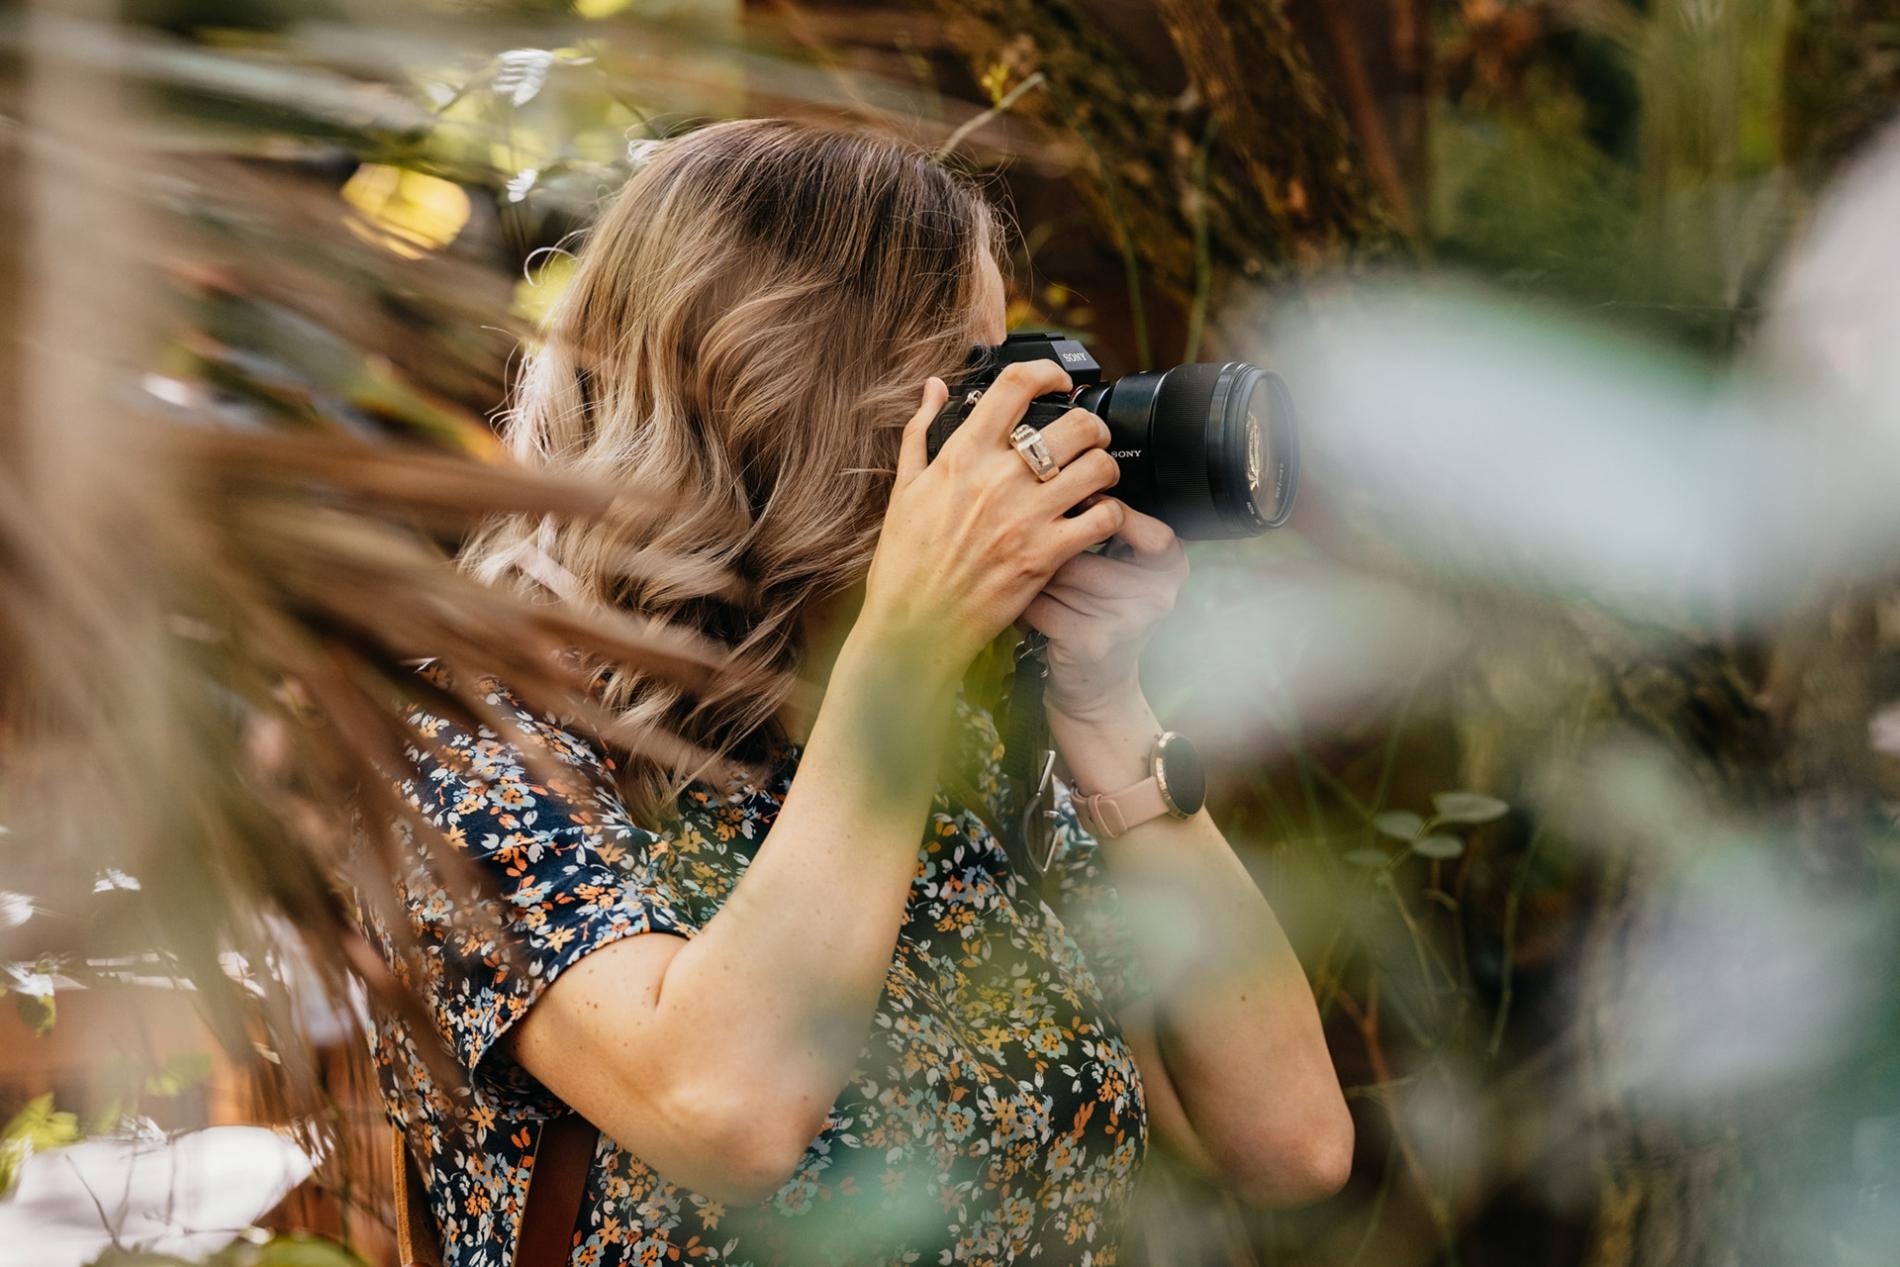 Photographe de mariage photographiant lors d'un événement - Nrw Essen